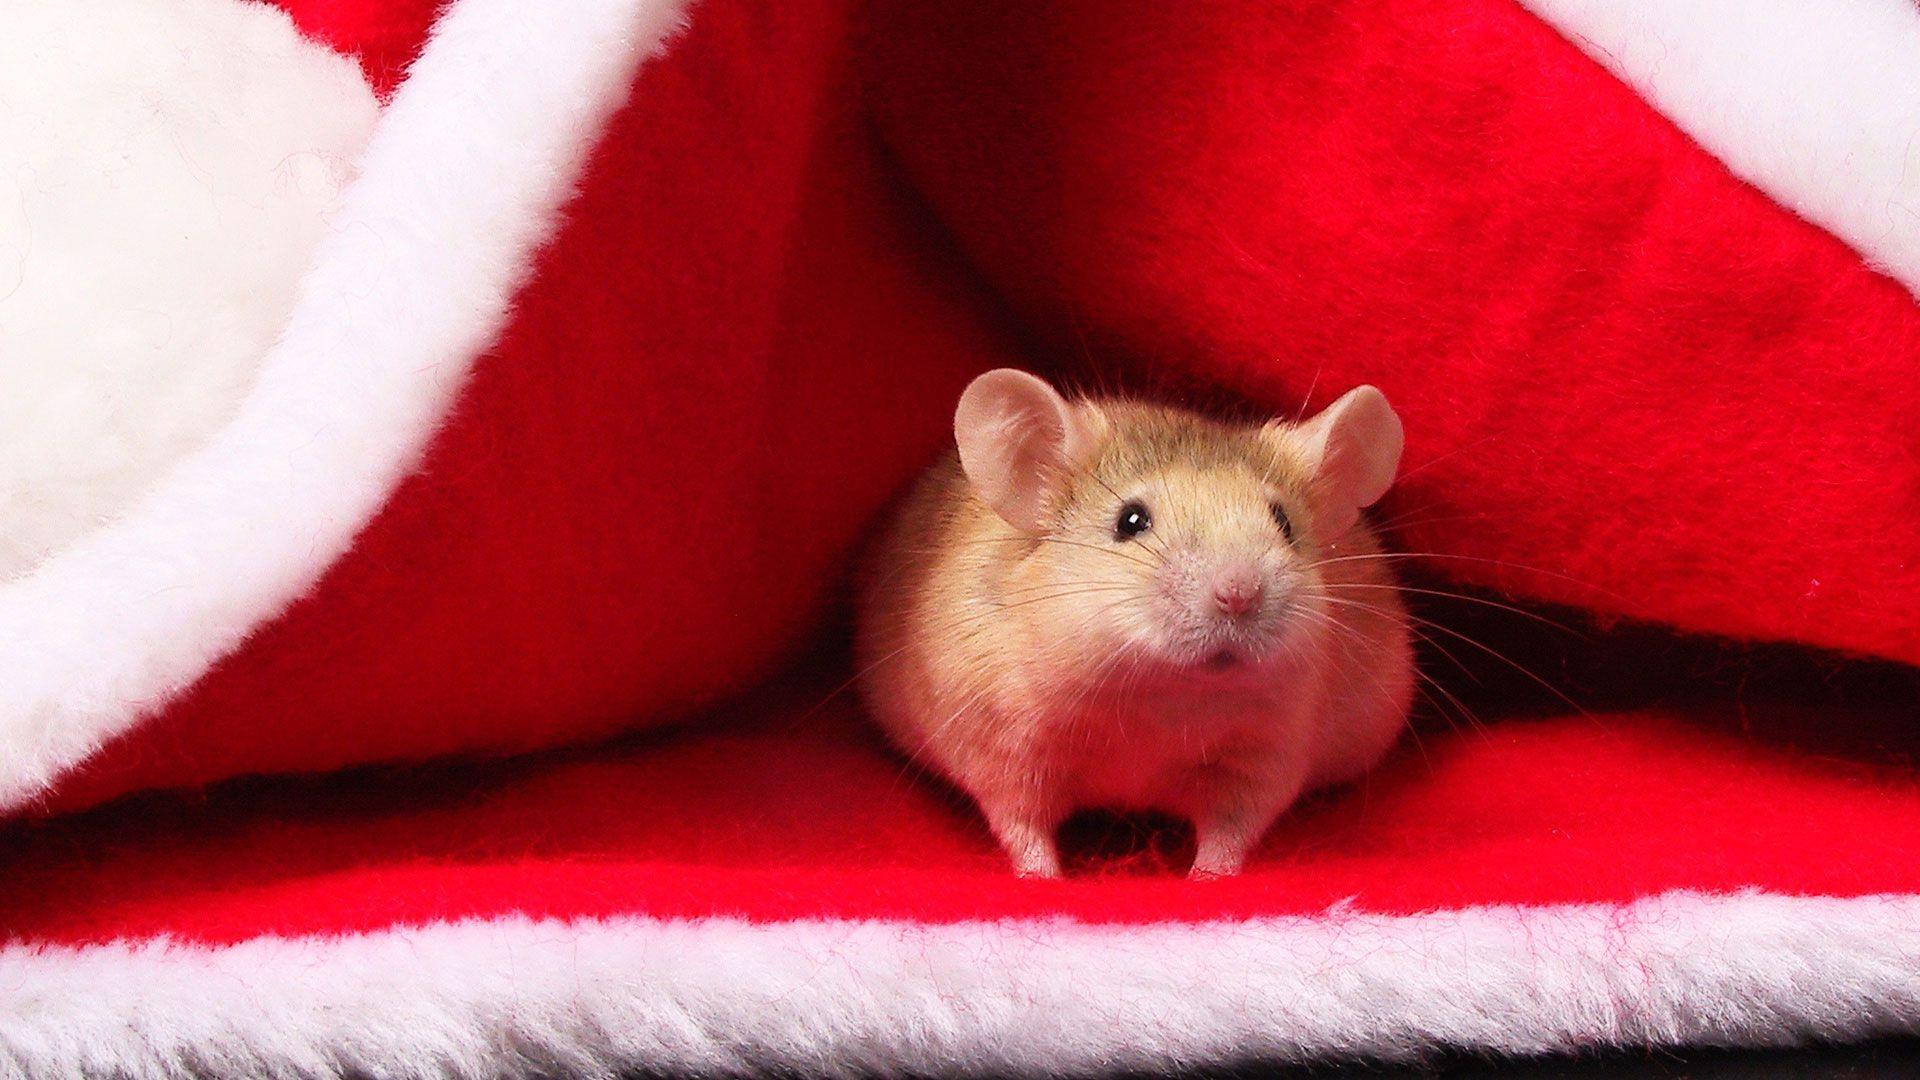 Christmas White Rat wallpaper photo full hd